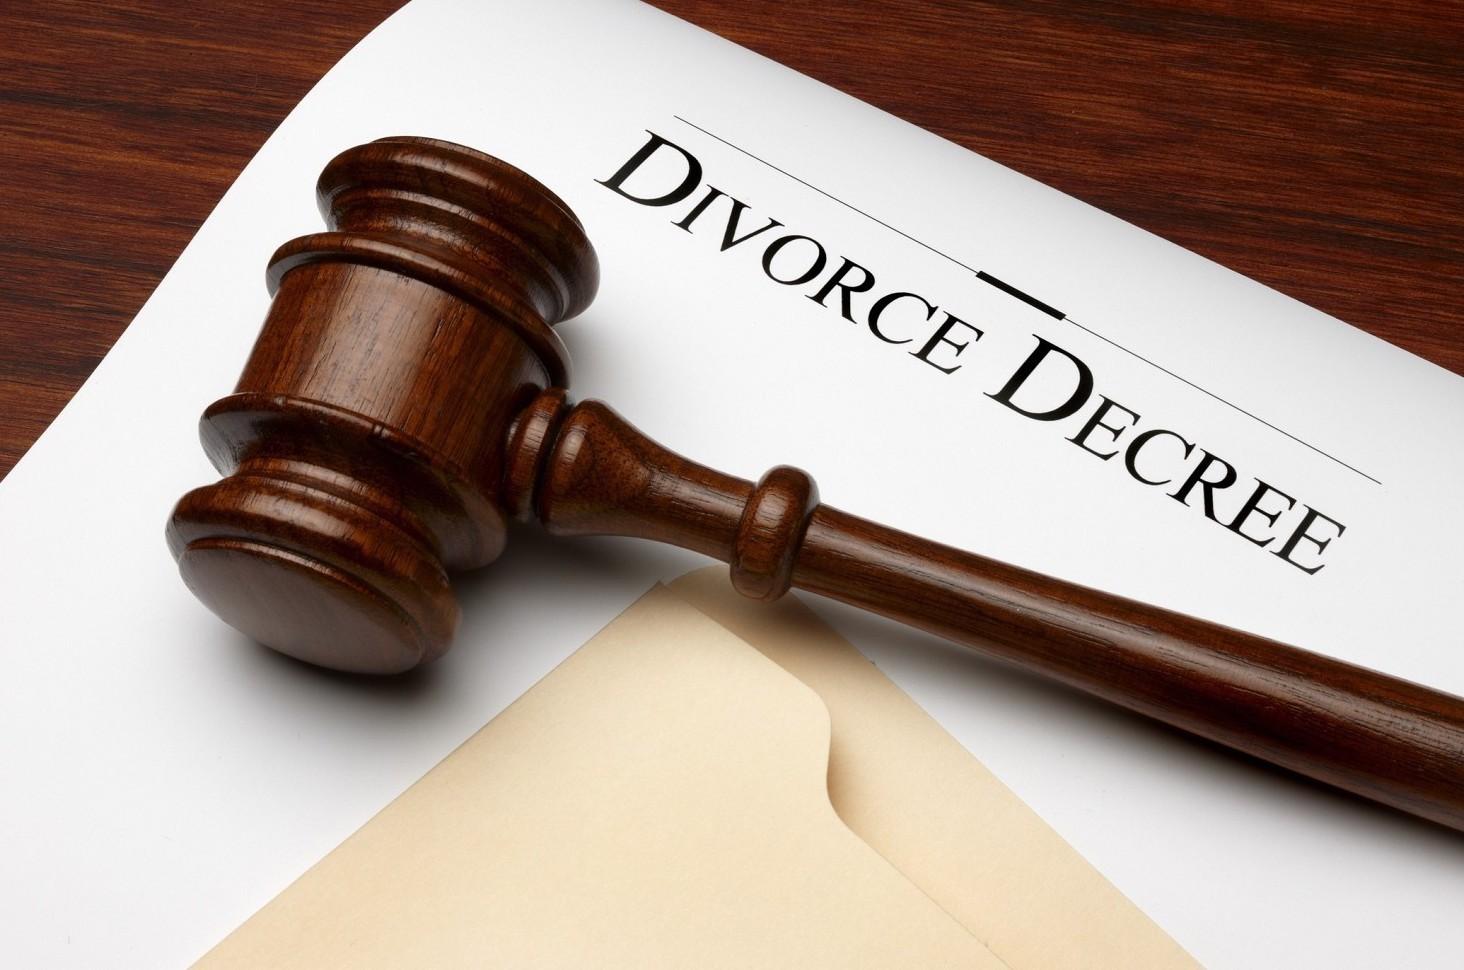 Prove che dimostrano colpa tradimento in divorzio secondo leggi 2020 in vigore